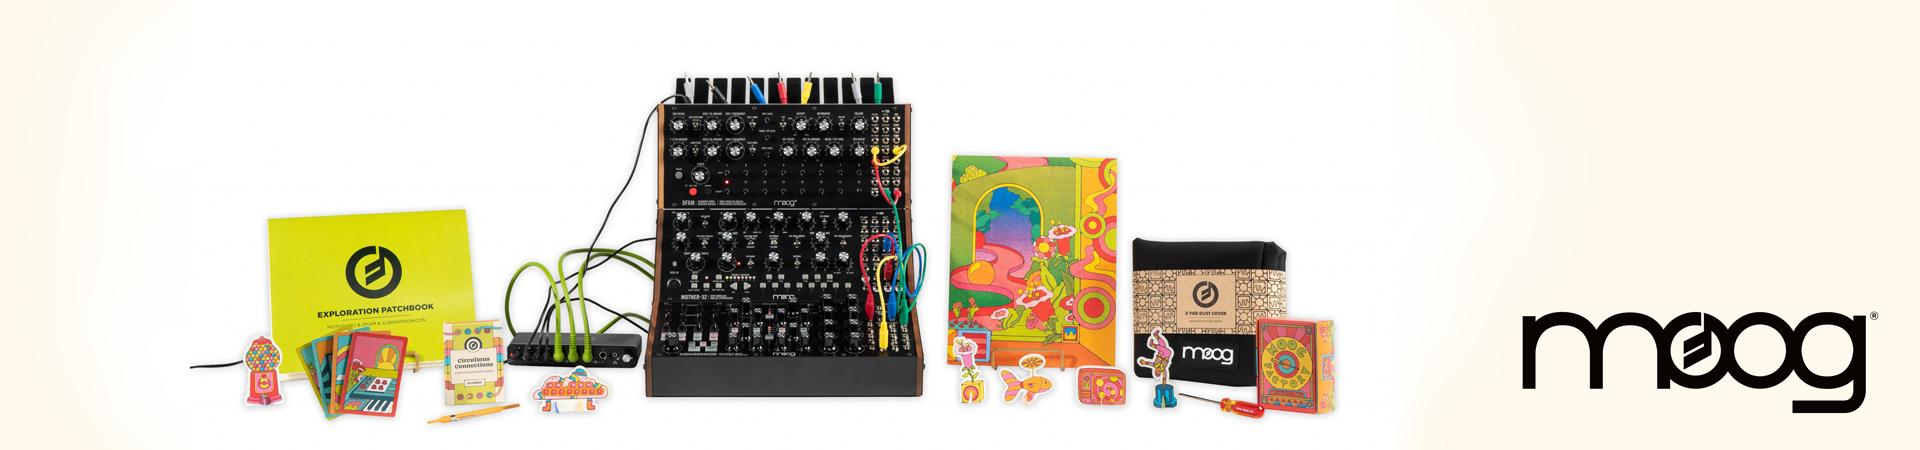 Moog Sound Studio w nowej odsłonie